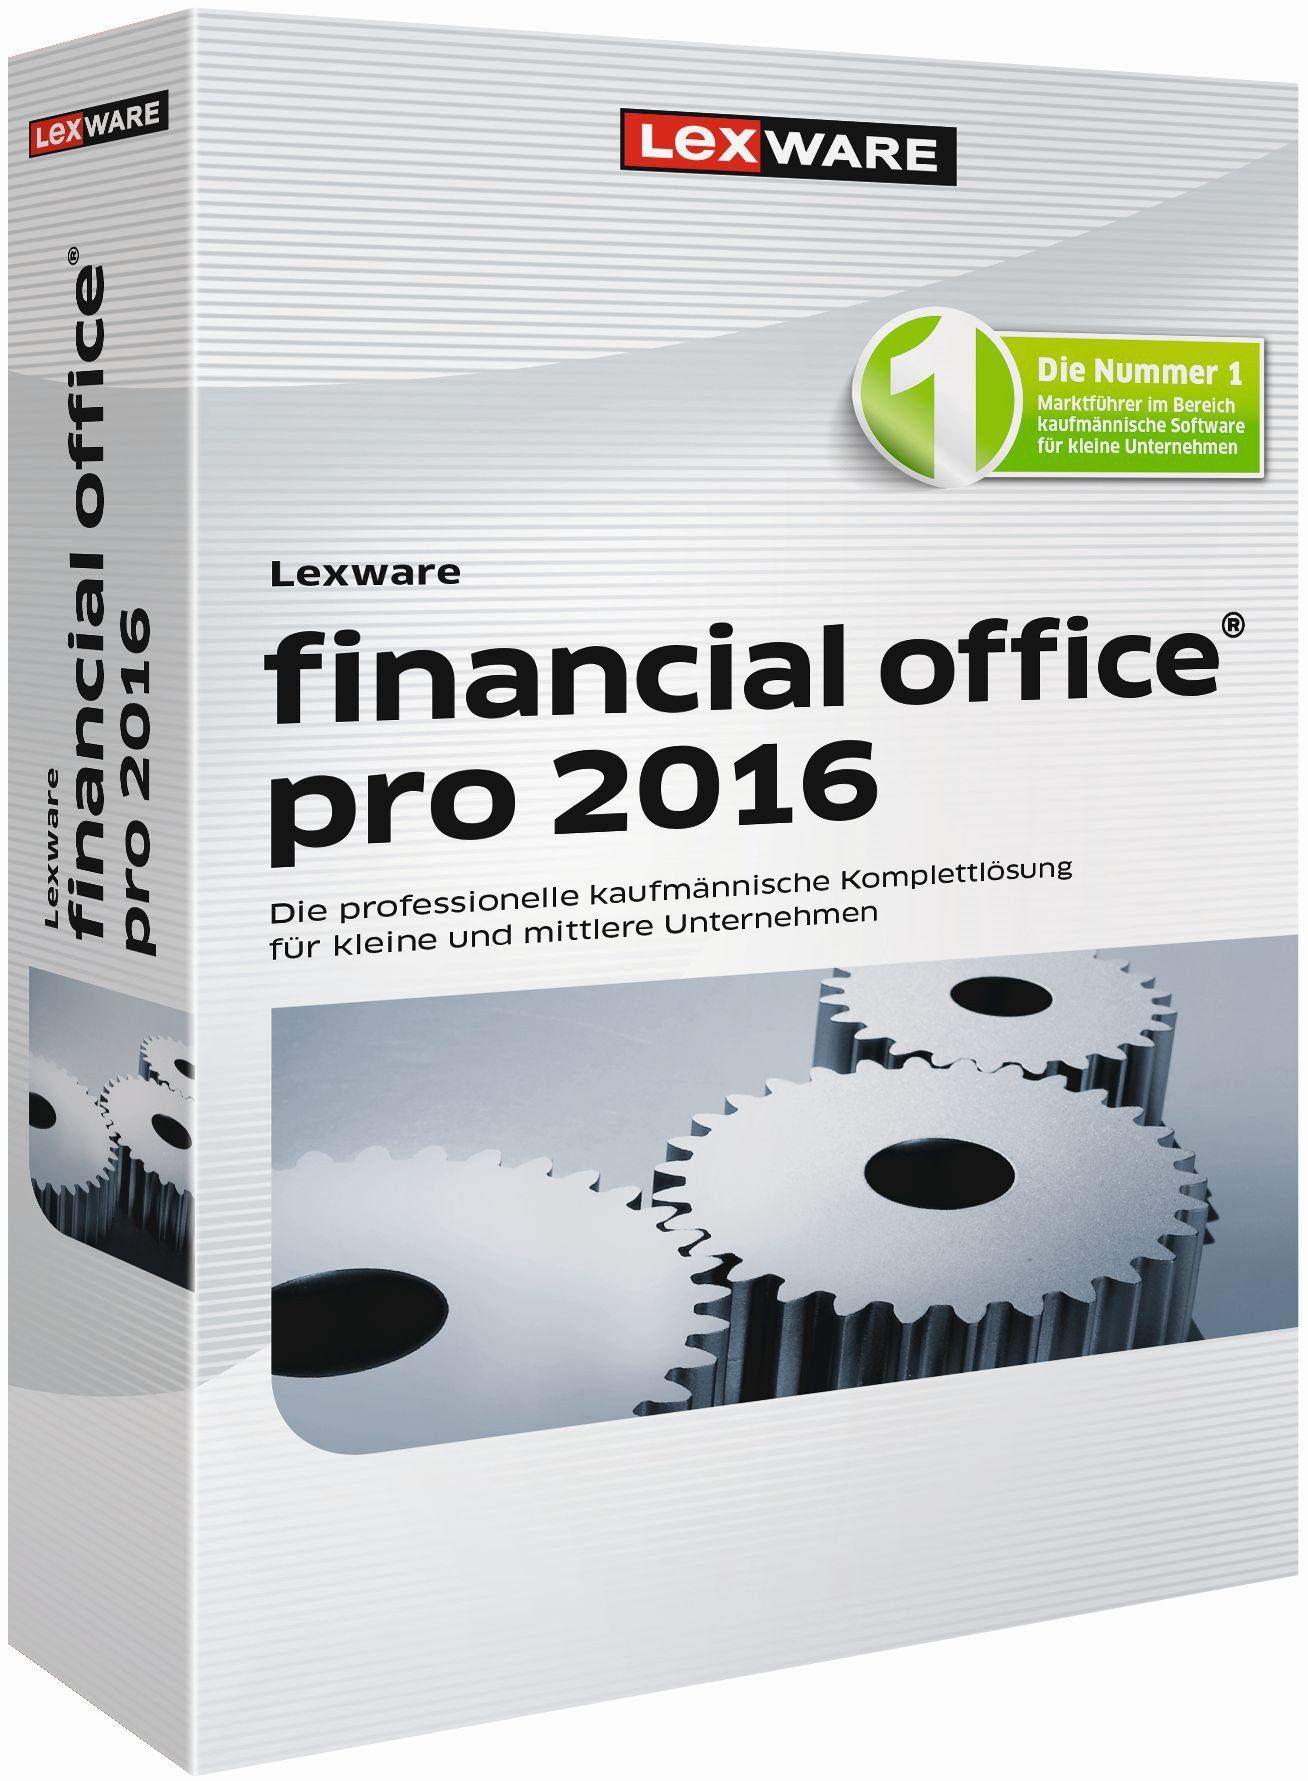 Lexware Kaufmännische Komplettlösung »financial office pro 2016«